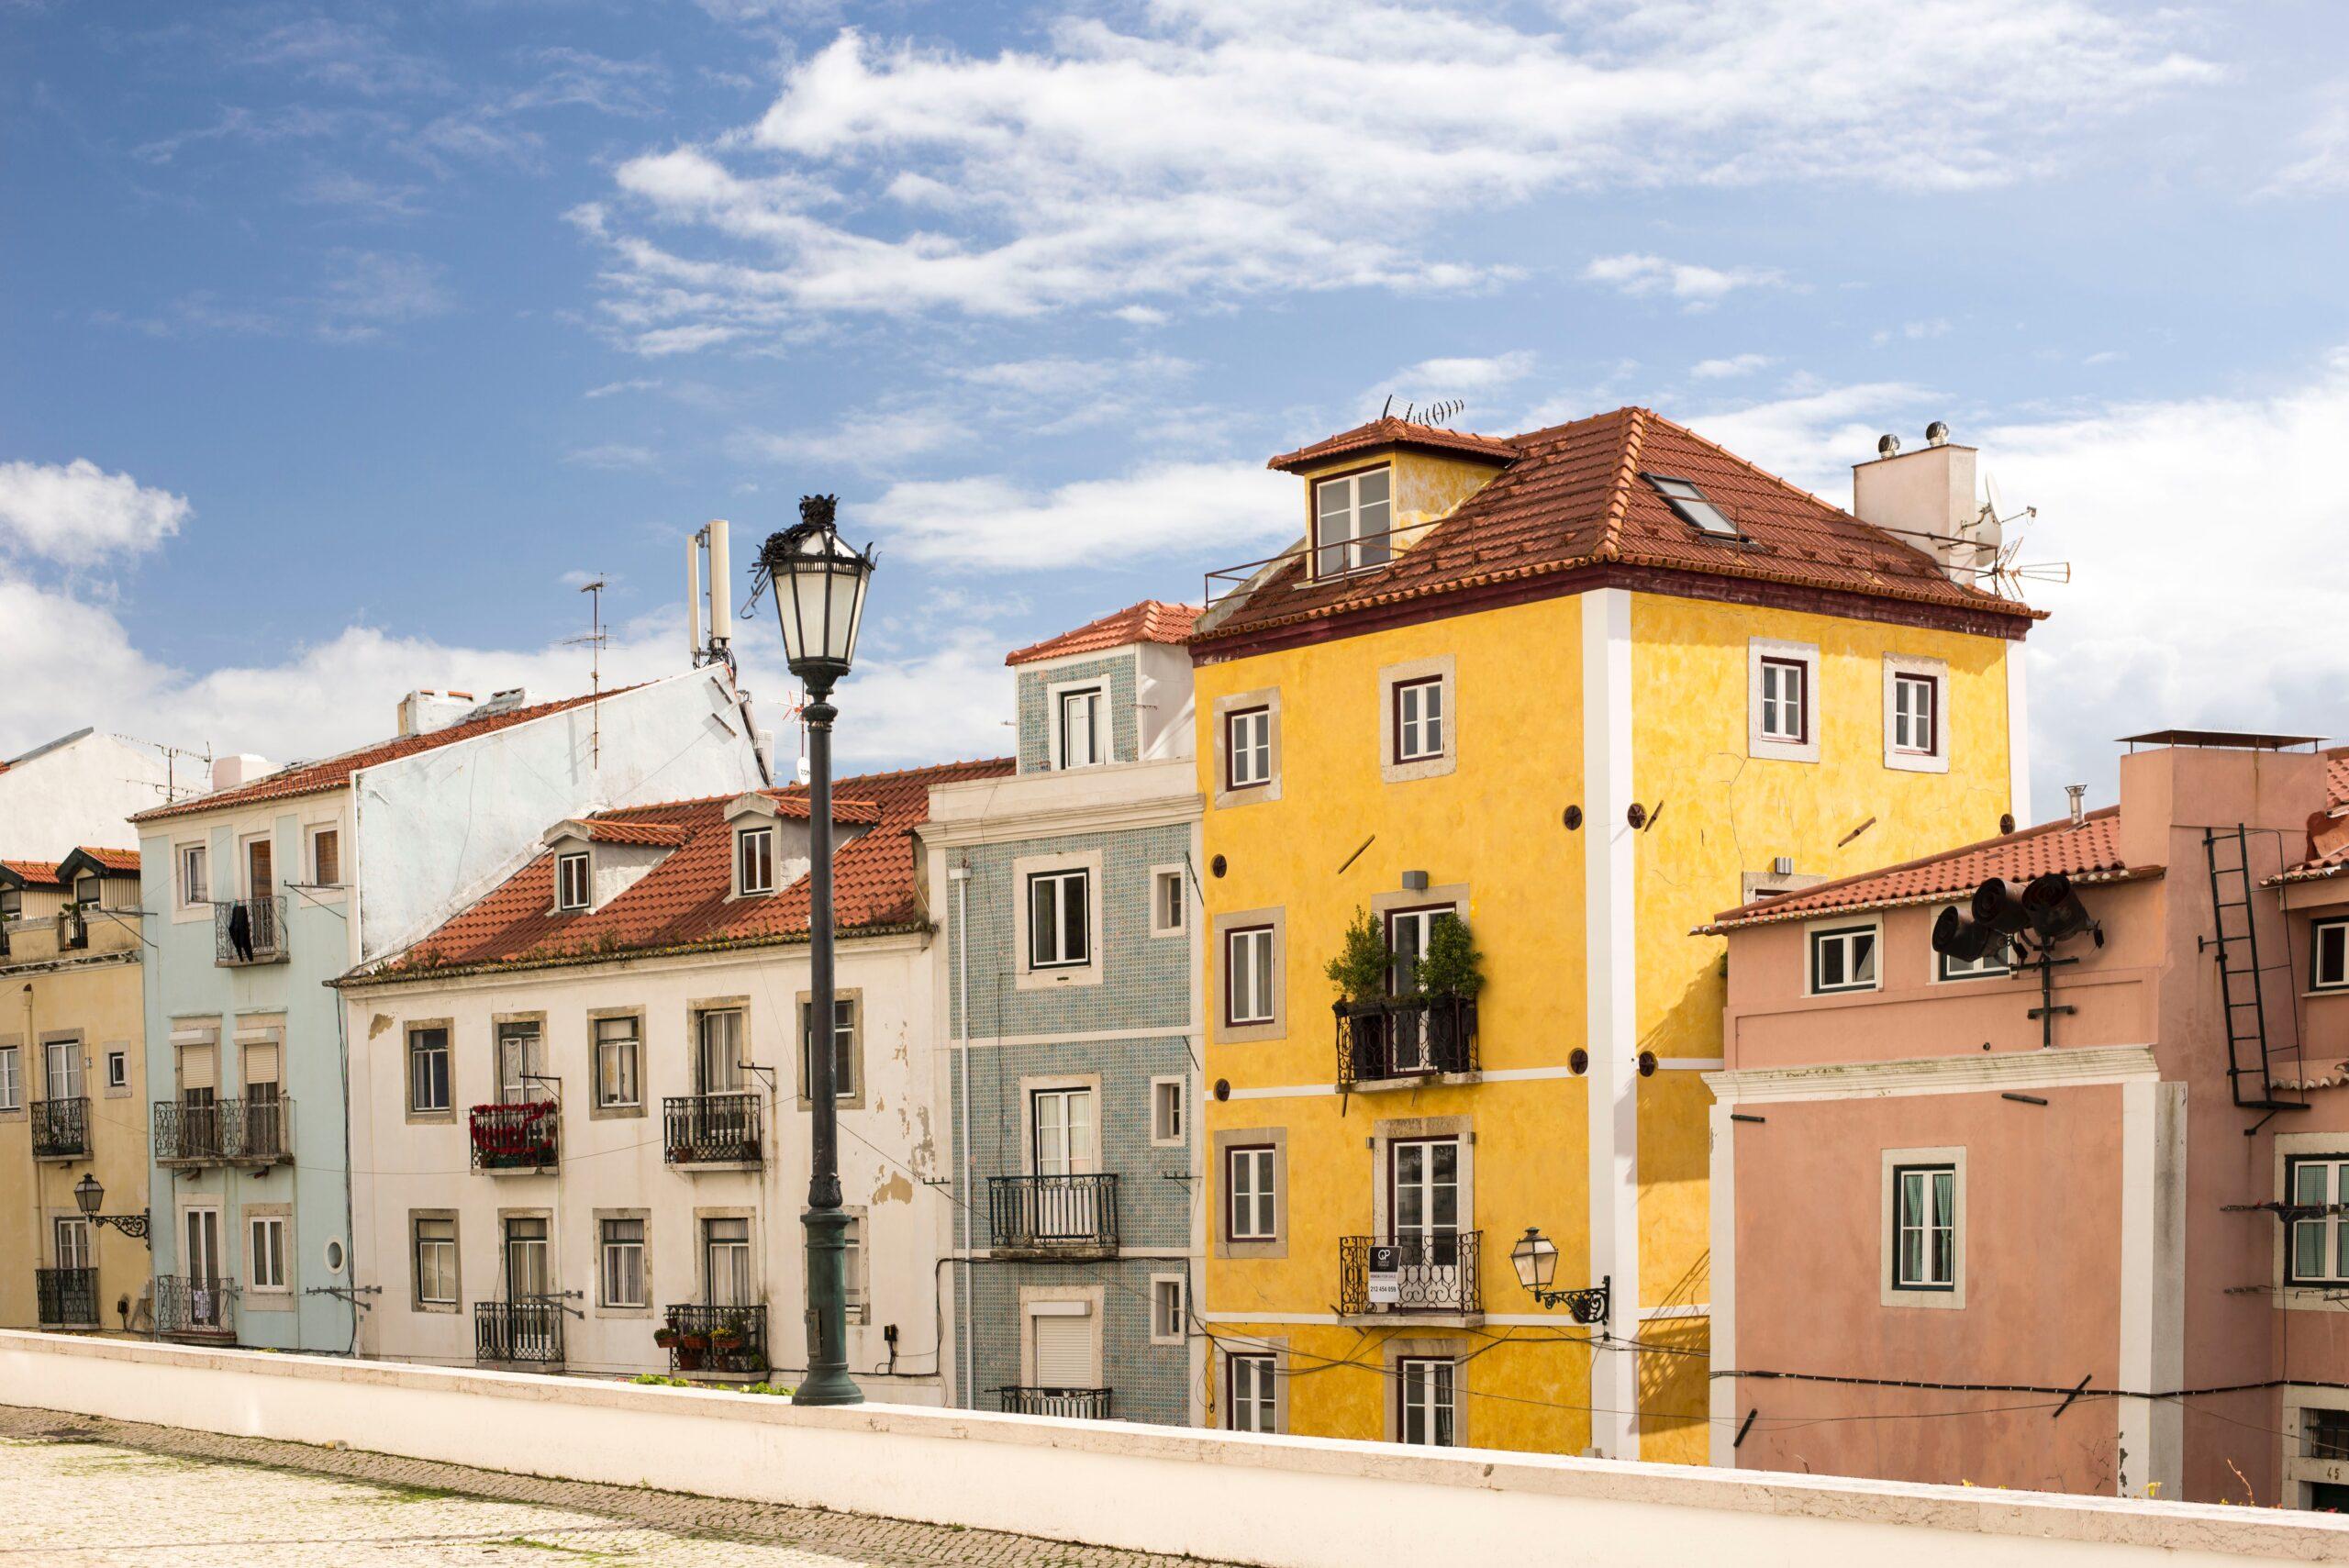 Custo de vida em Lisboa: tudo o que você precisa saber